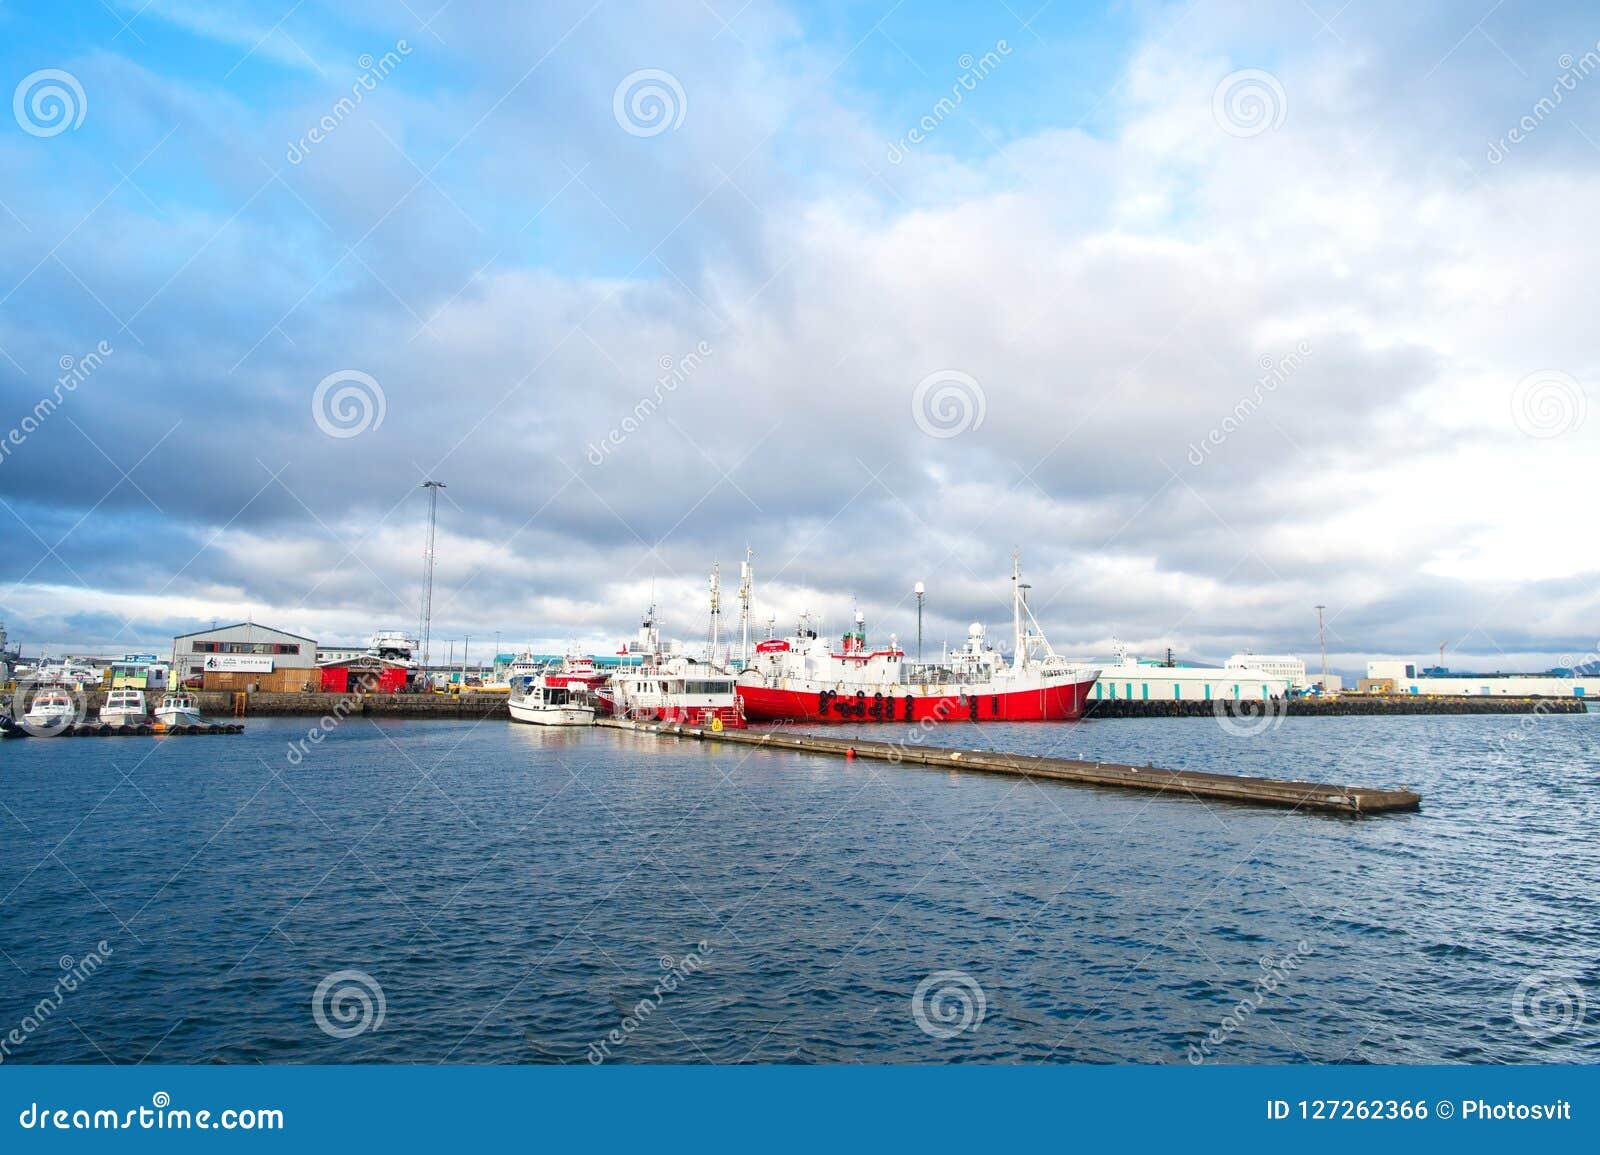 Reykjavik, Islande - 13 octobre 2017 : voyage par bateau des vacances d été En cas de doute, partez en vacances Un grand bateau